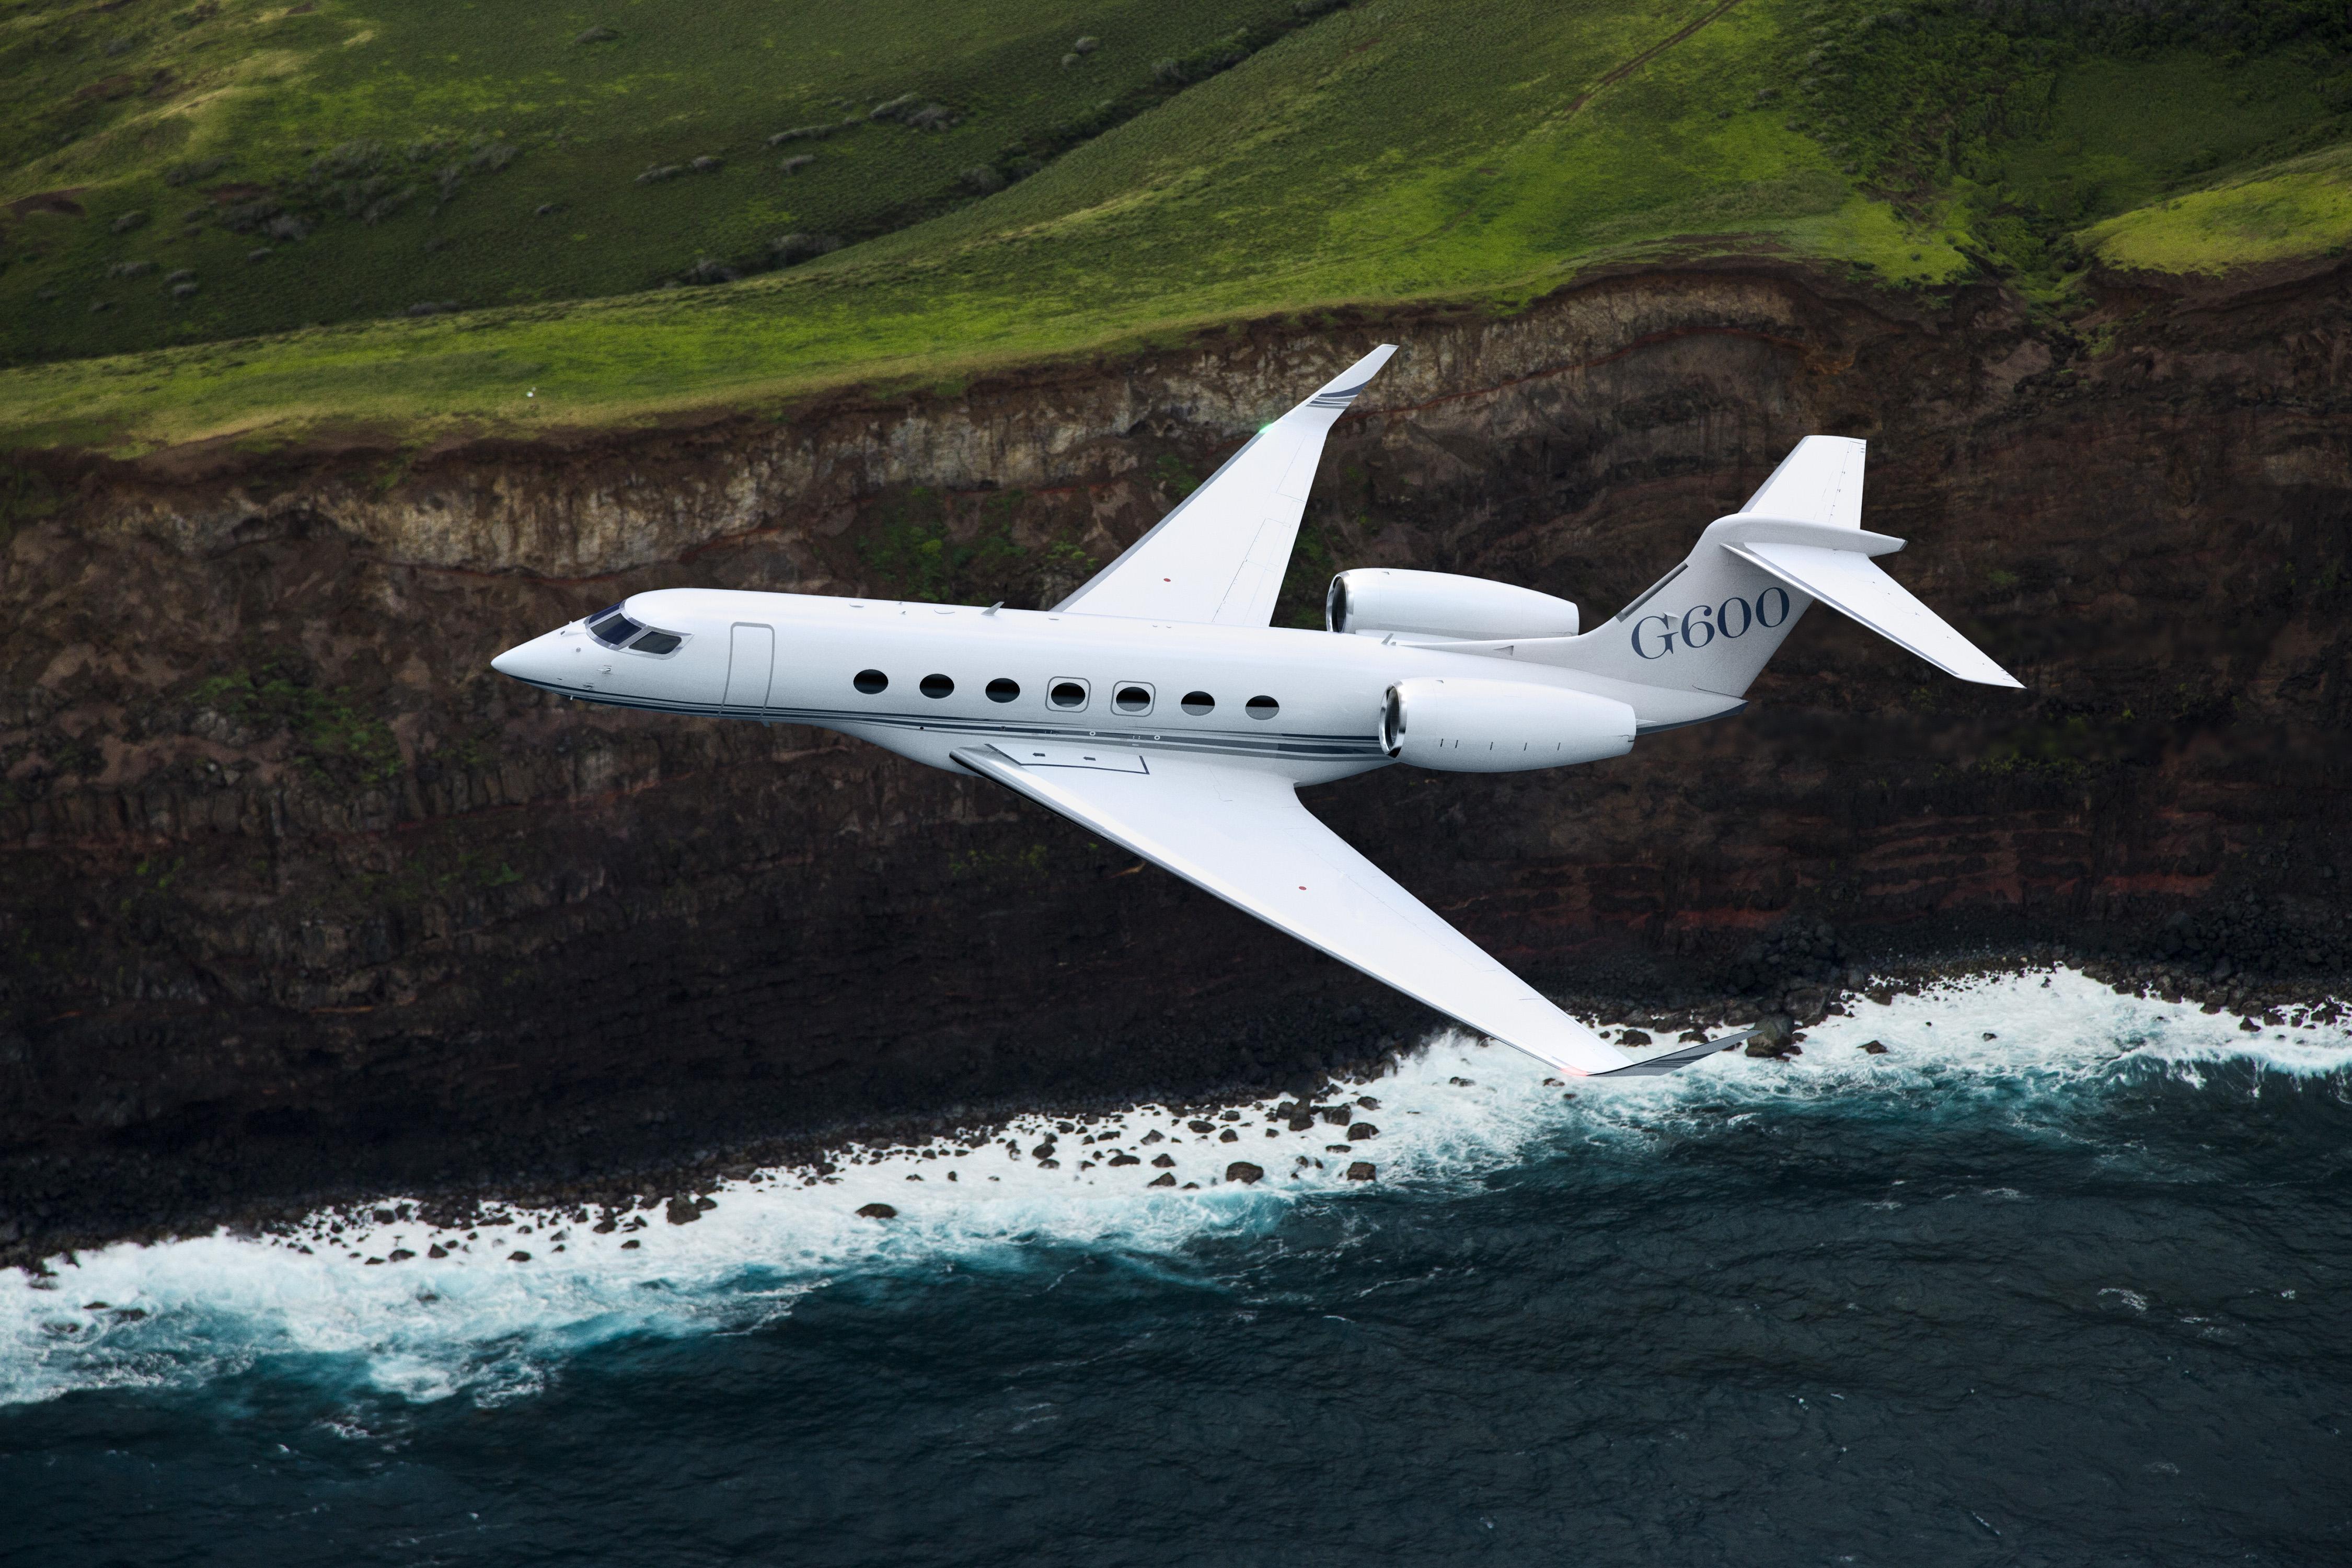 G600_Aerial_08.jpg